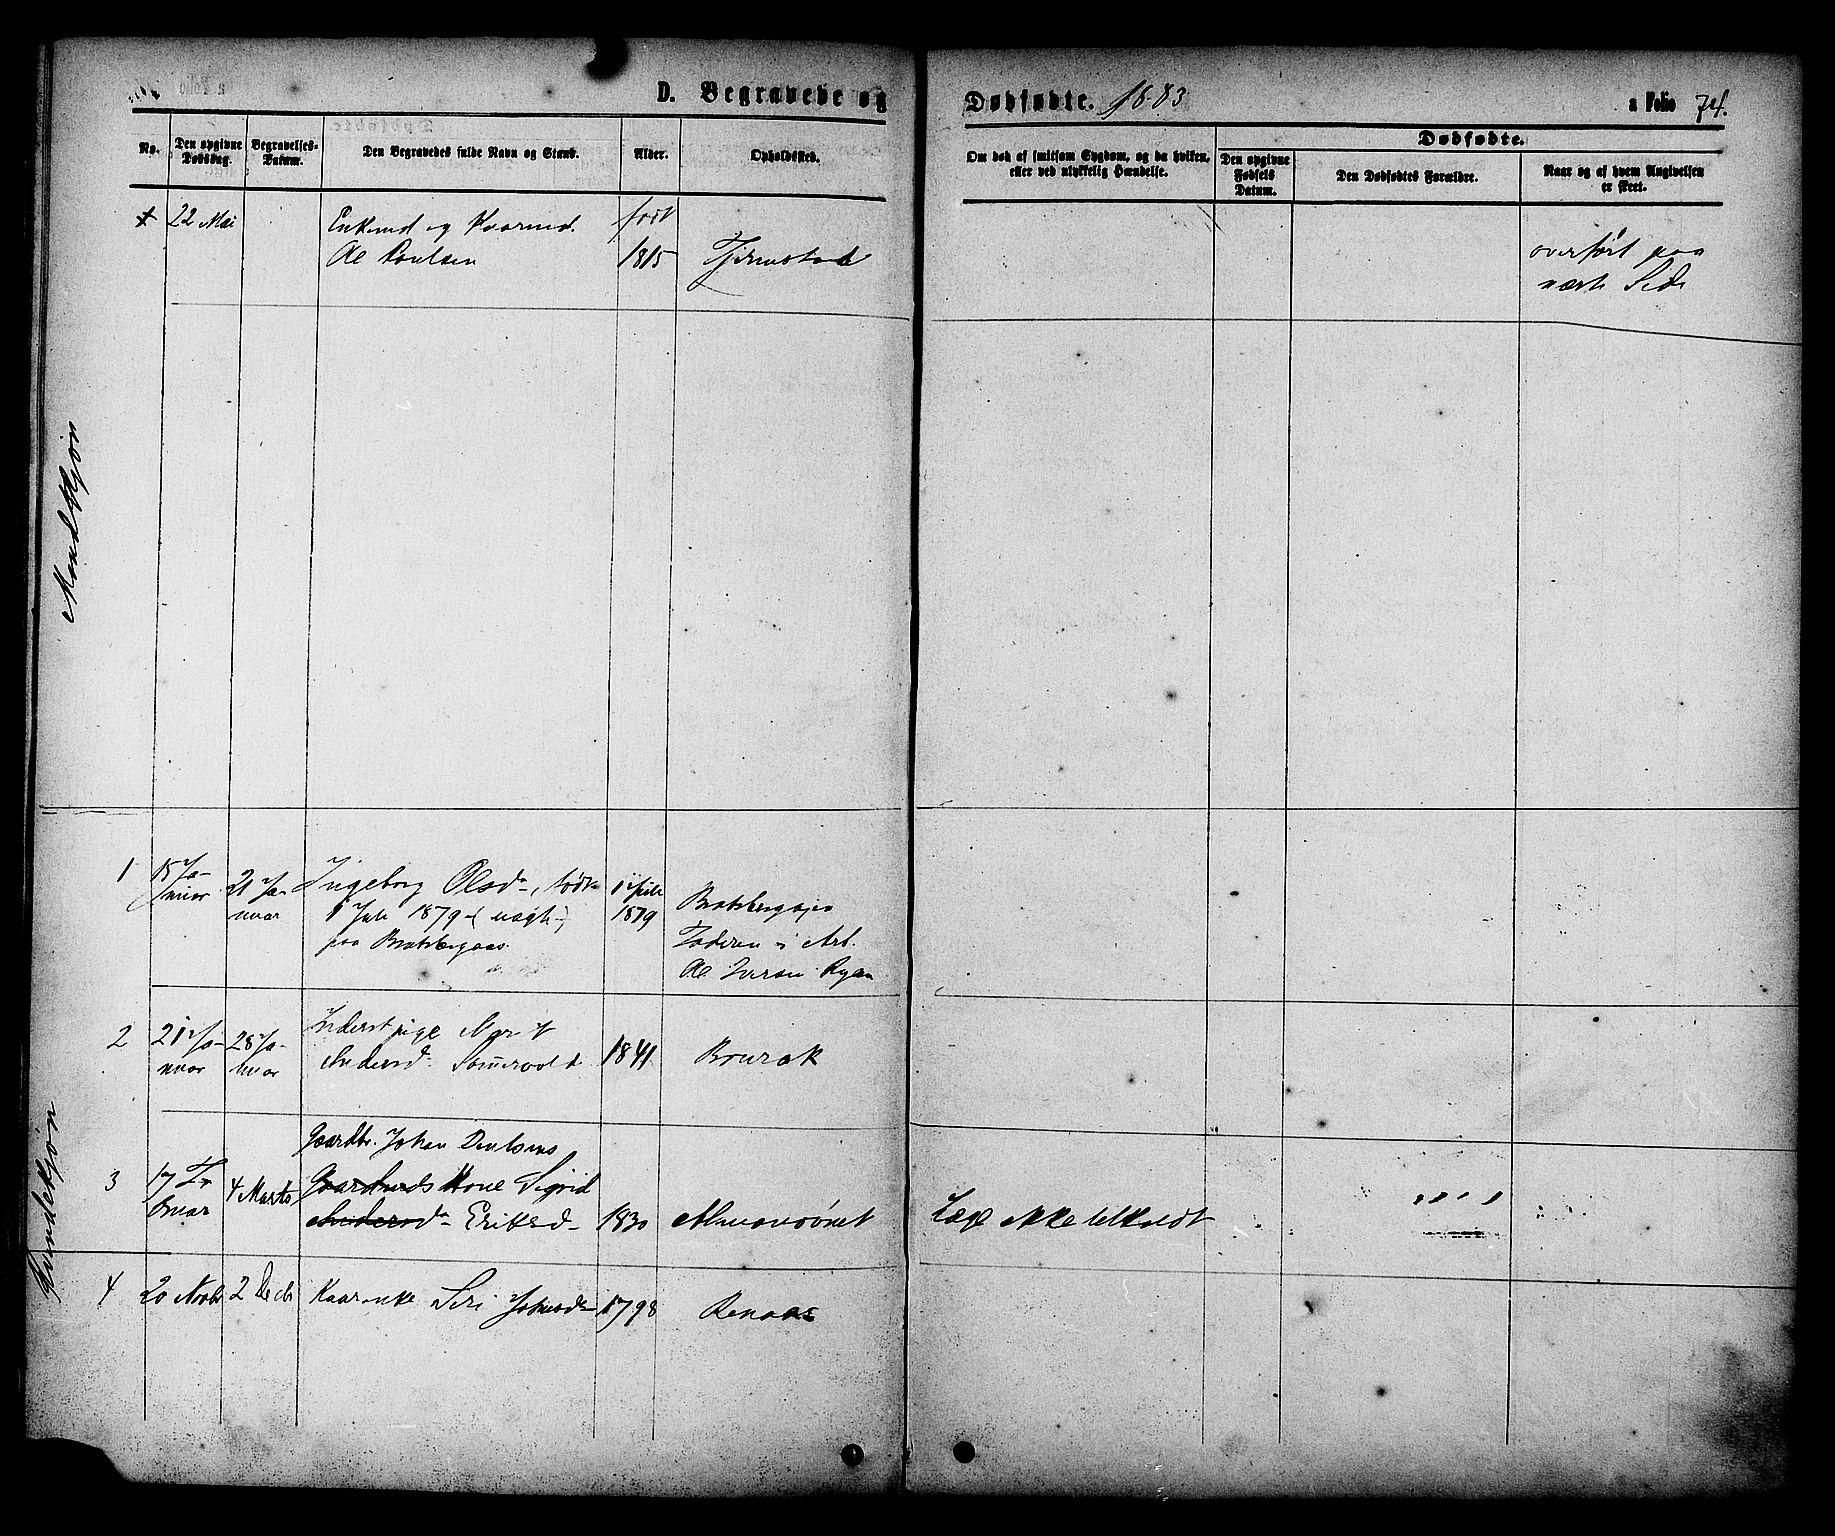 SAT, Ministerialprotokoller, klokkerbøker og fødselsregistre - Sør-Trøndelag, 608/L0334: Ministerialbok nr. 608A03, 1877-1886, s. 74